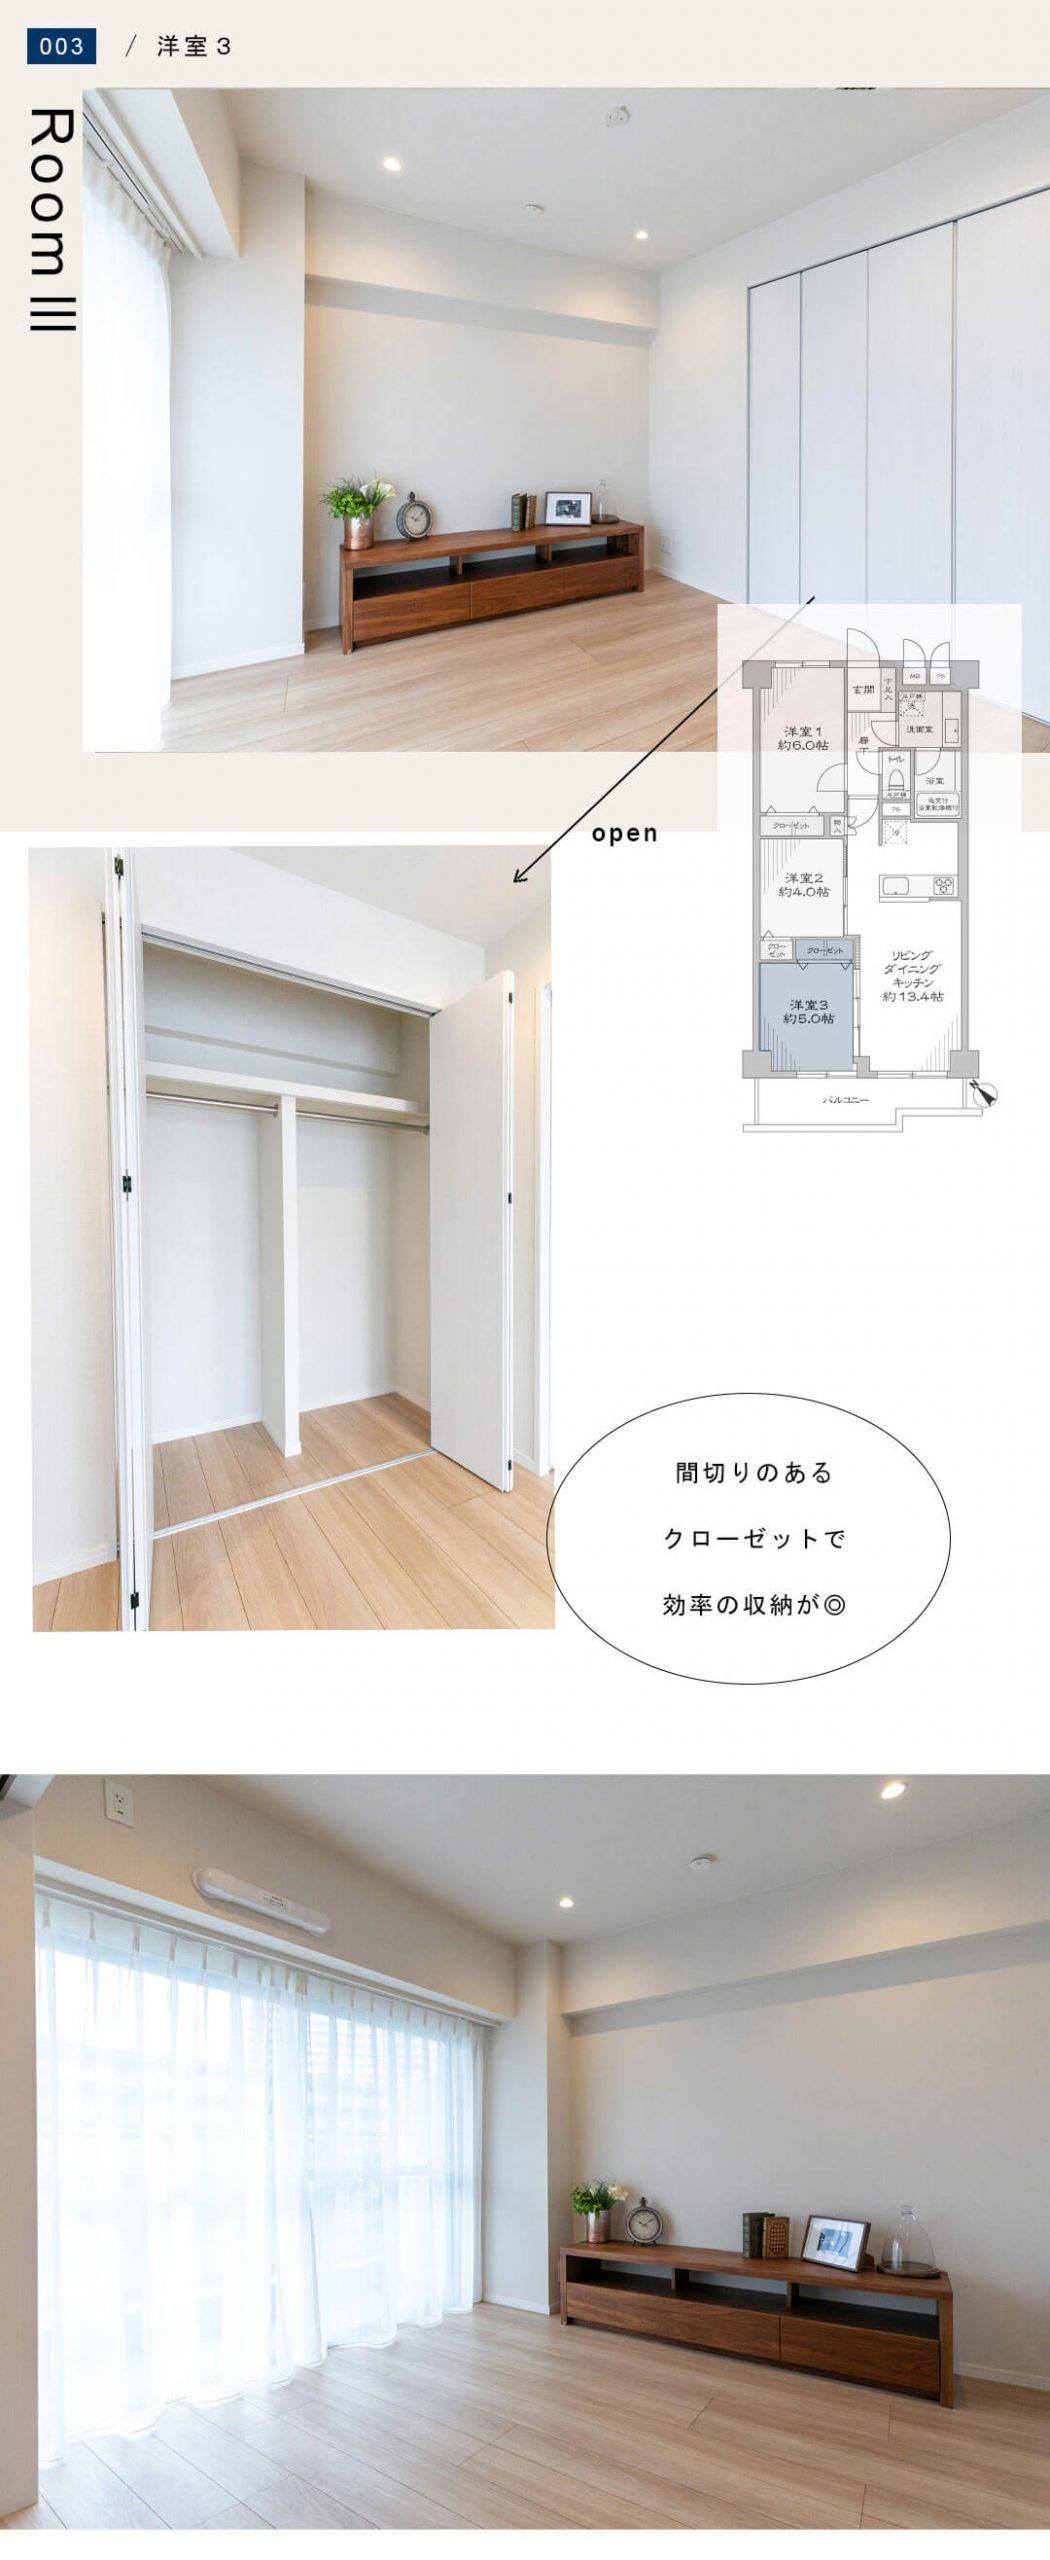 豊洲ハイツの洋室3